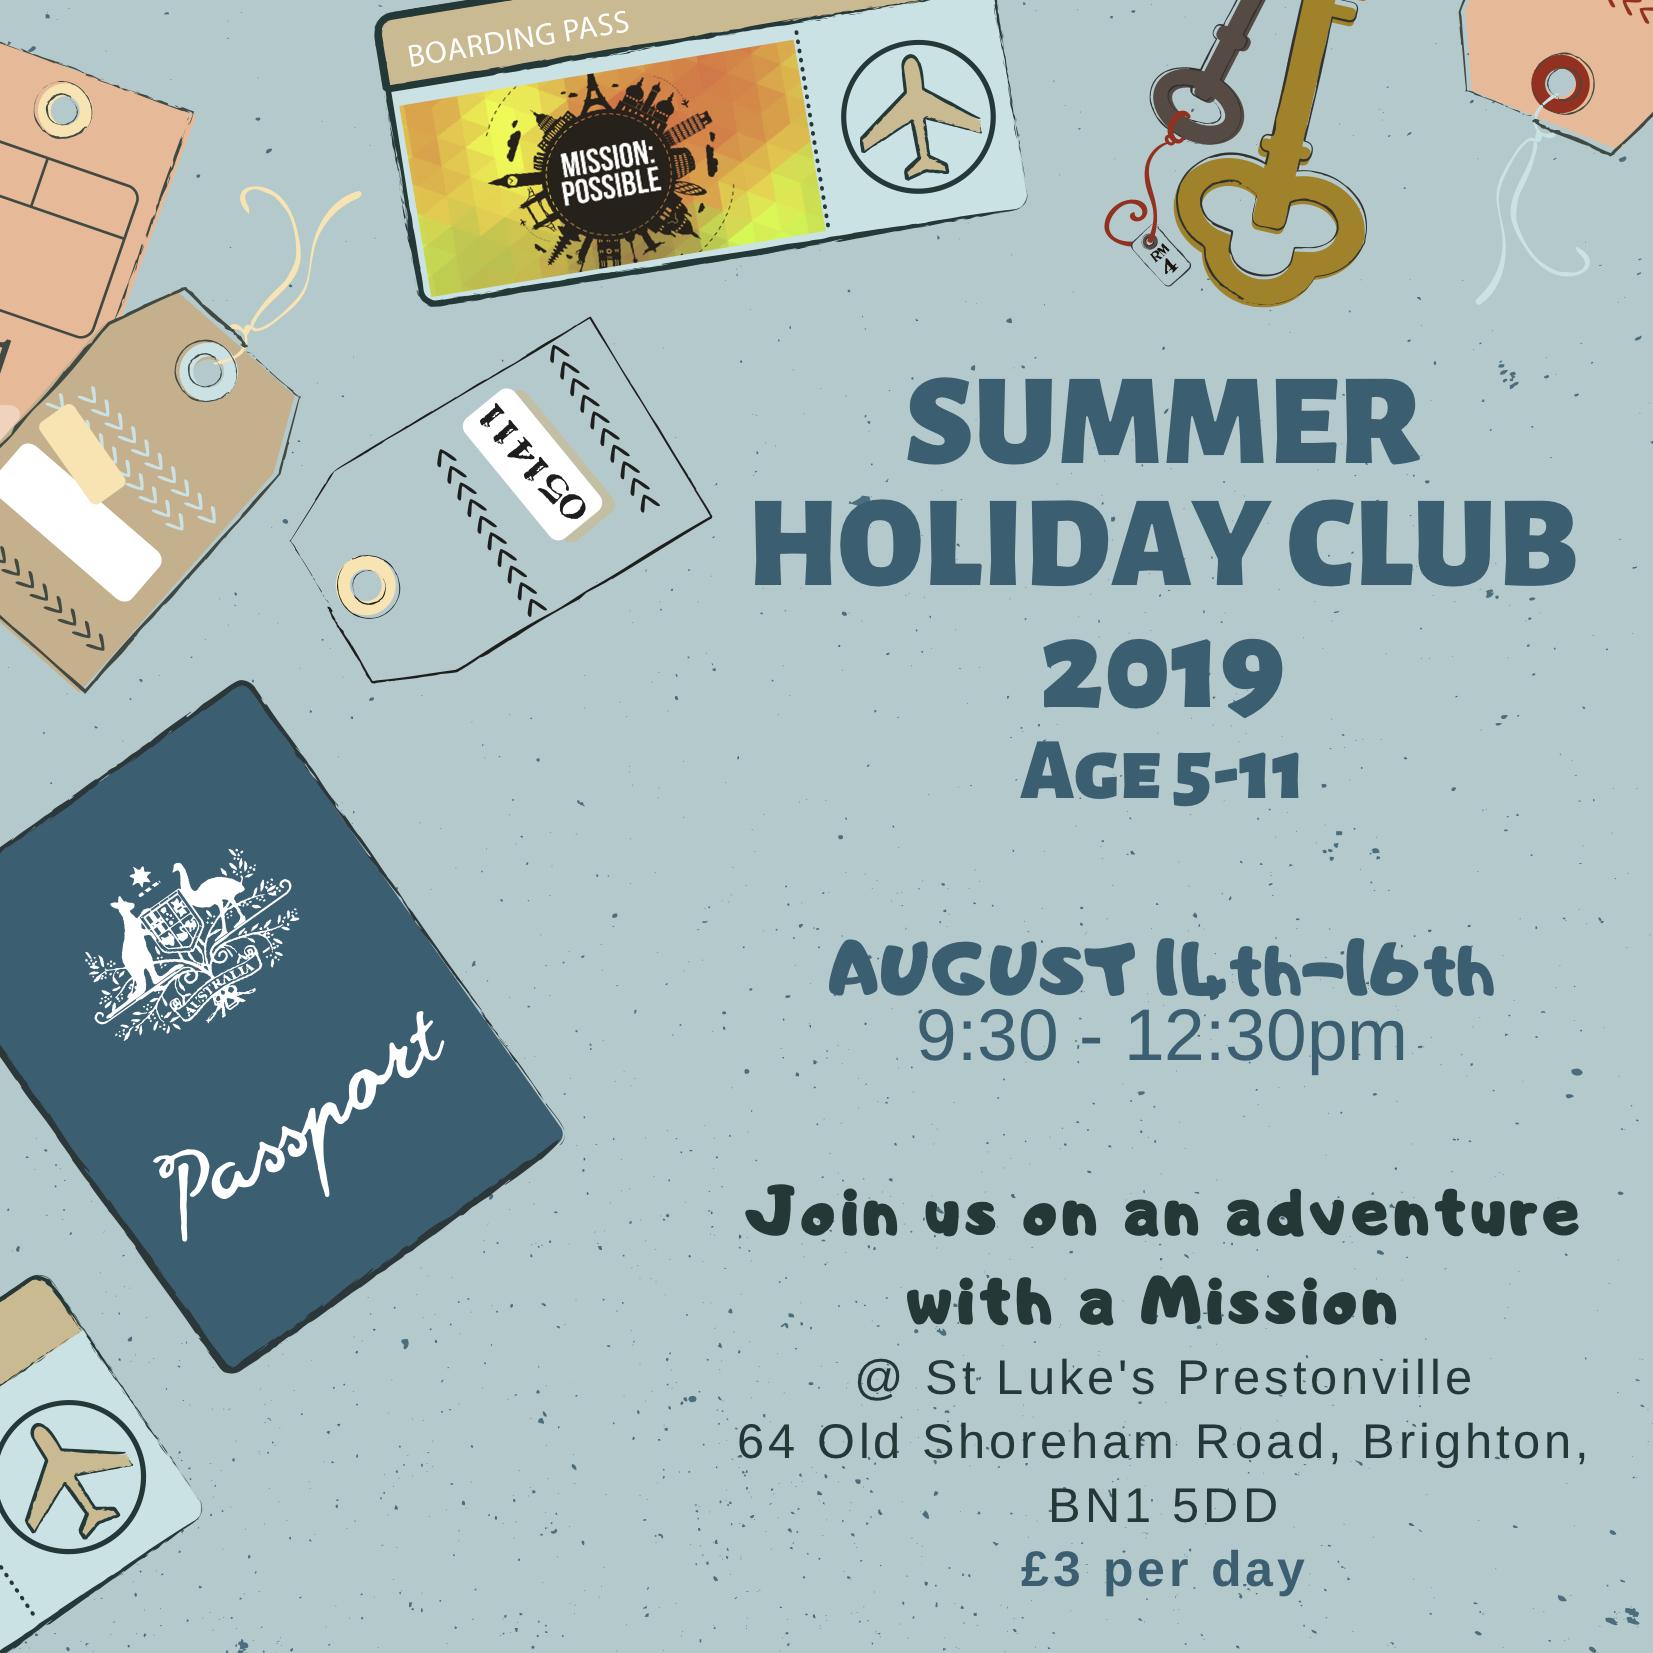 Holiday-Club-2019-flyer-copy